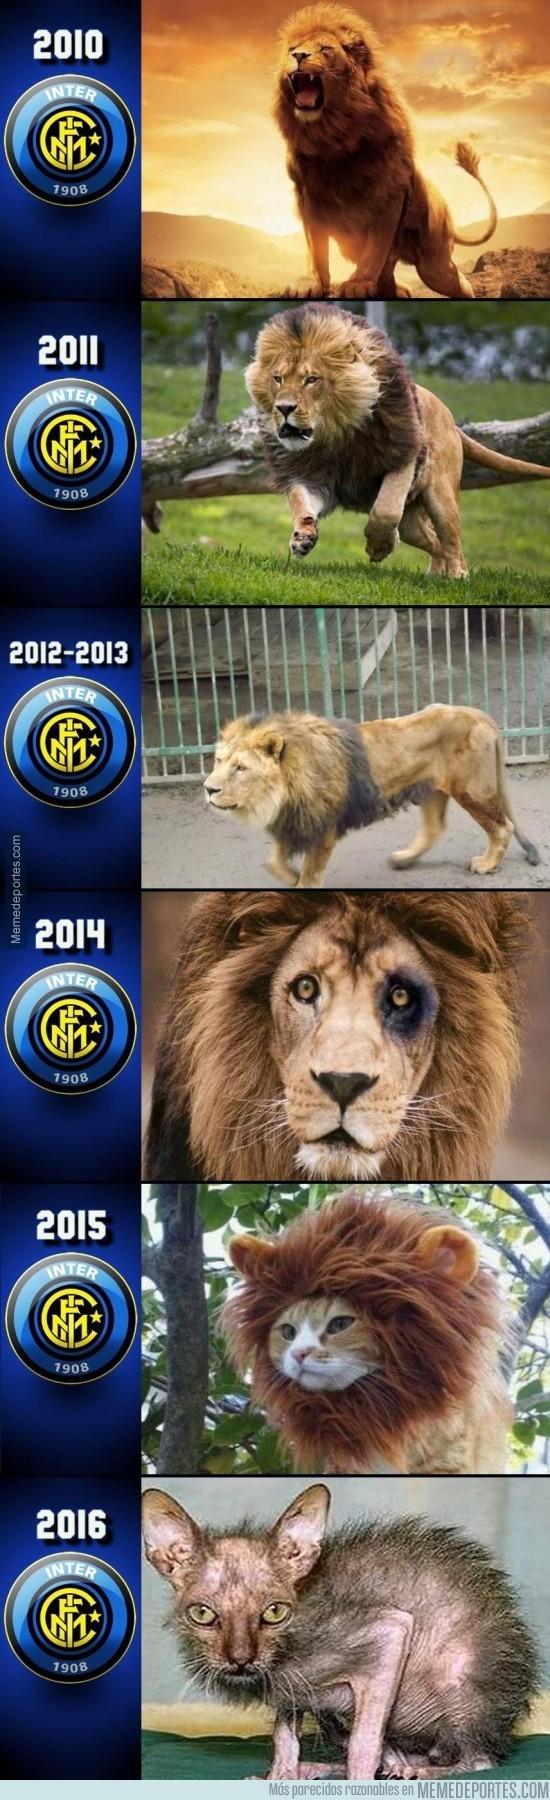 927341 - Terrible descenso que ha tenido el Inter de Milan los últimos años